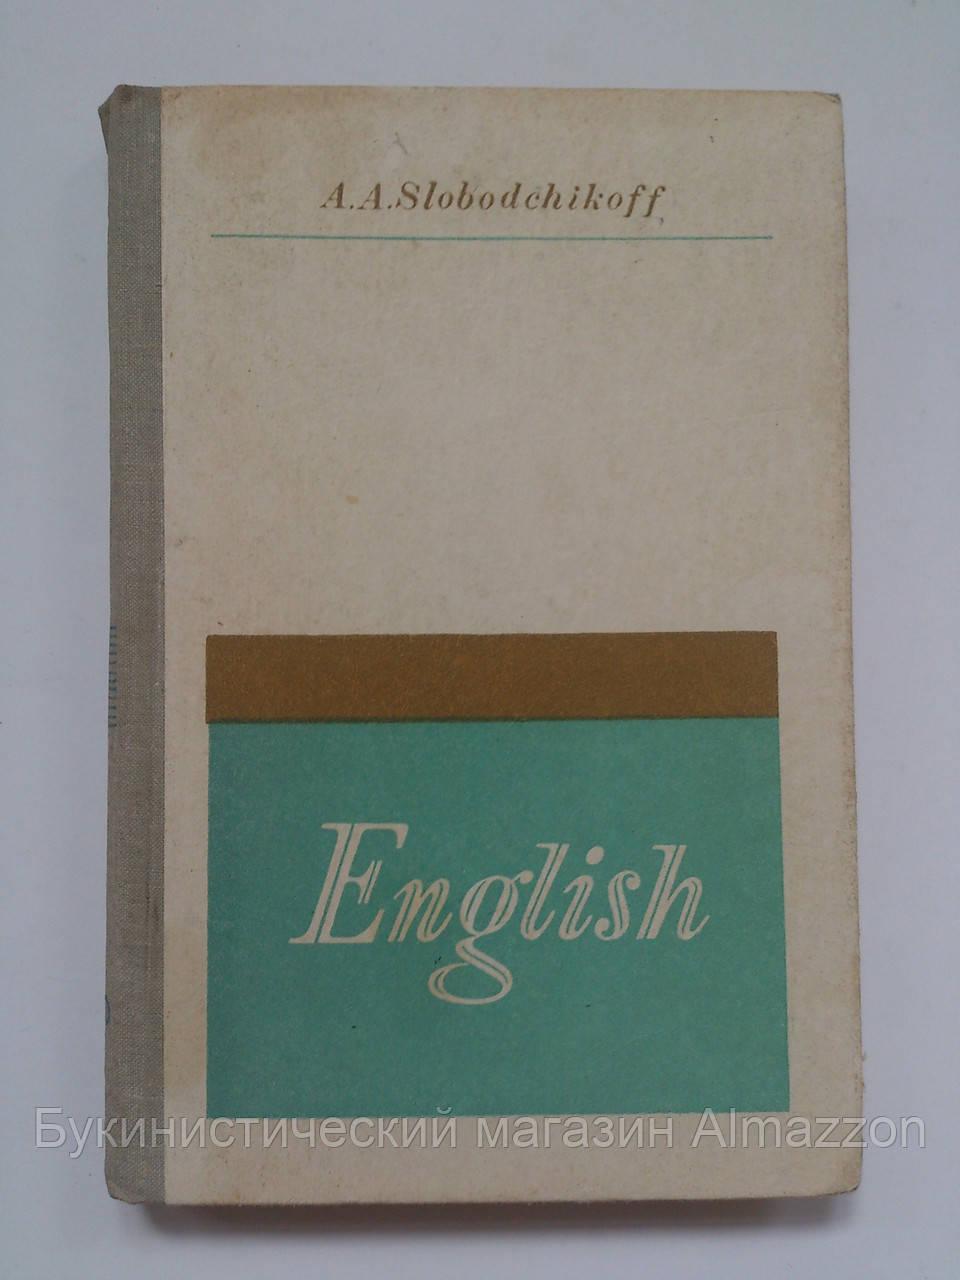 Слободчиков А.А. Учебник английского языка для 9-11 классов вечерней (сменной) общеобразовательной школы, фото 1